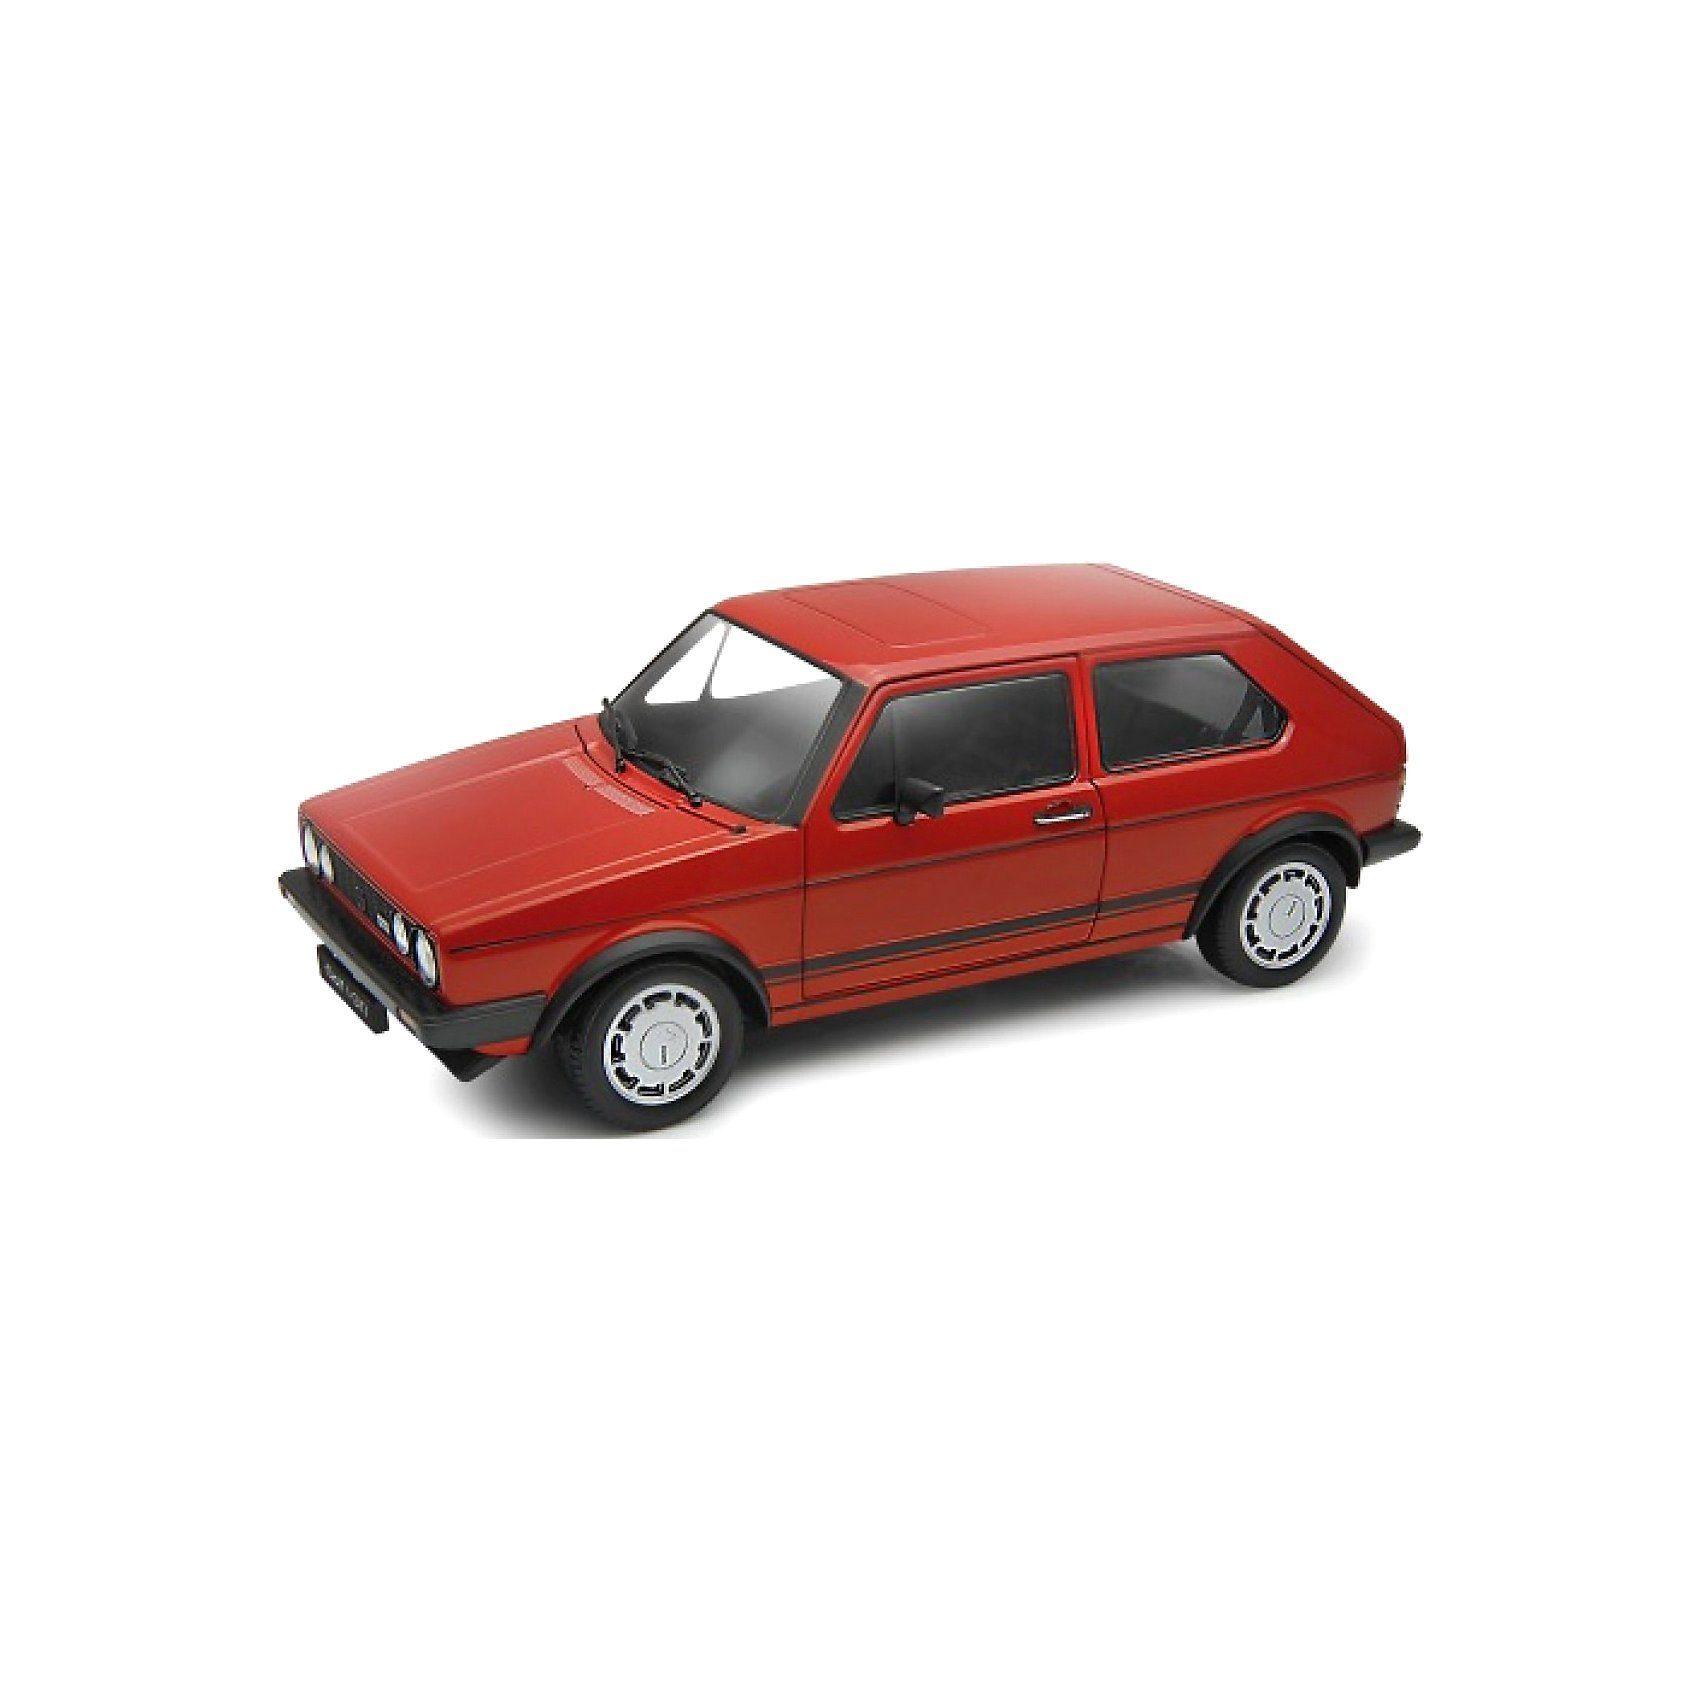 Welly VW Golf I GTI, 1:18